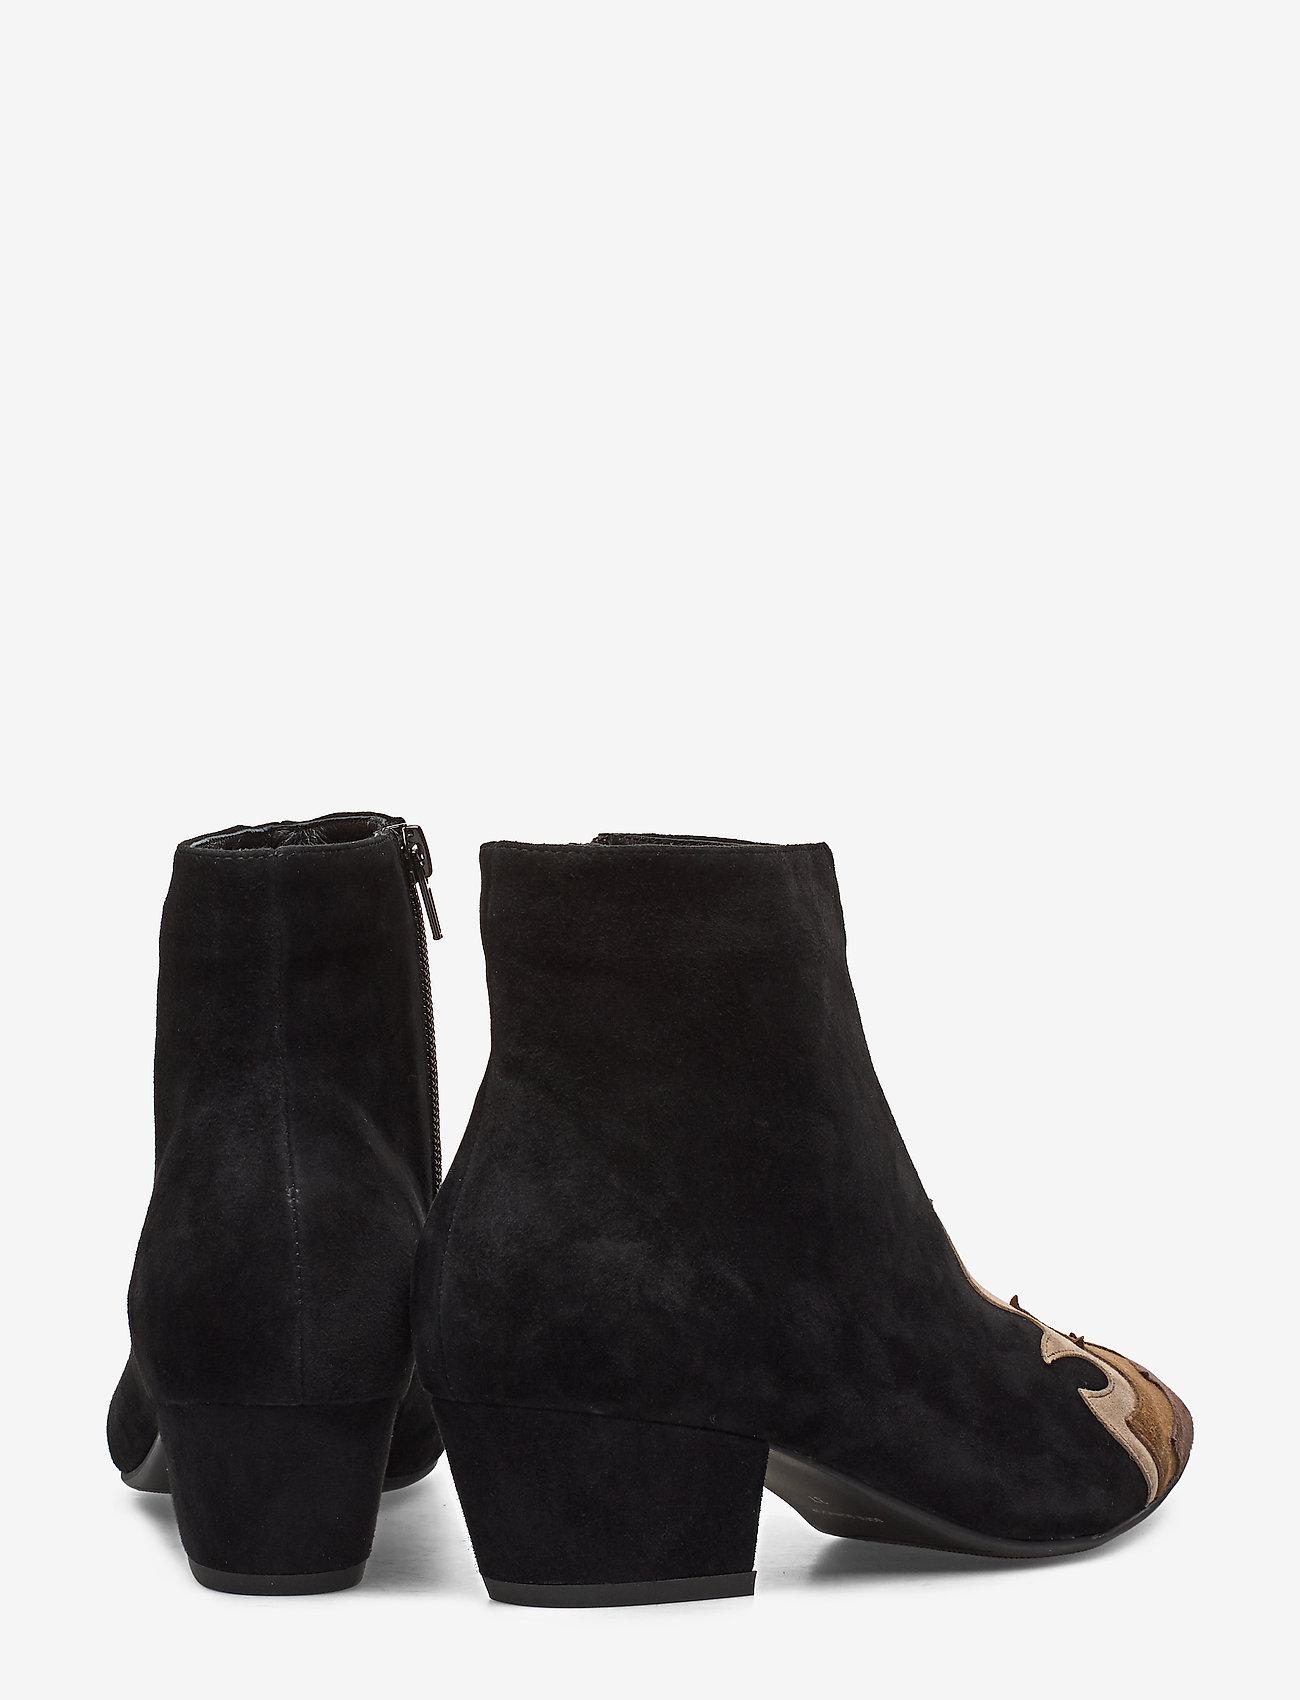 Boot (Camel) - Sofie Schnoor